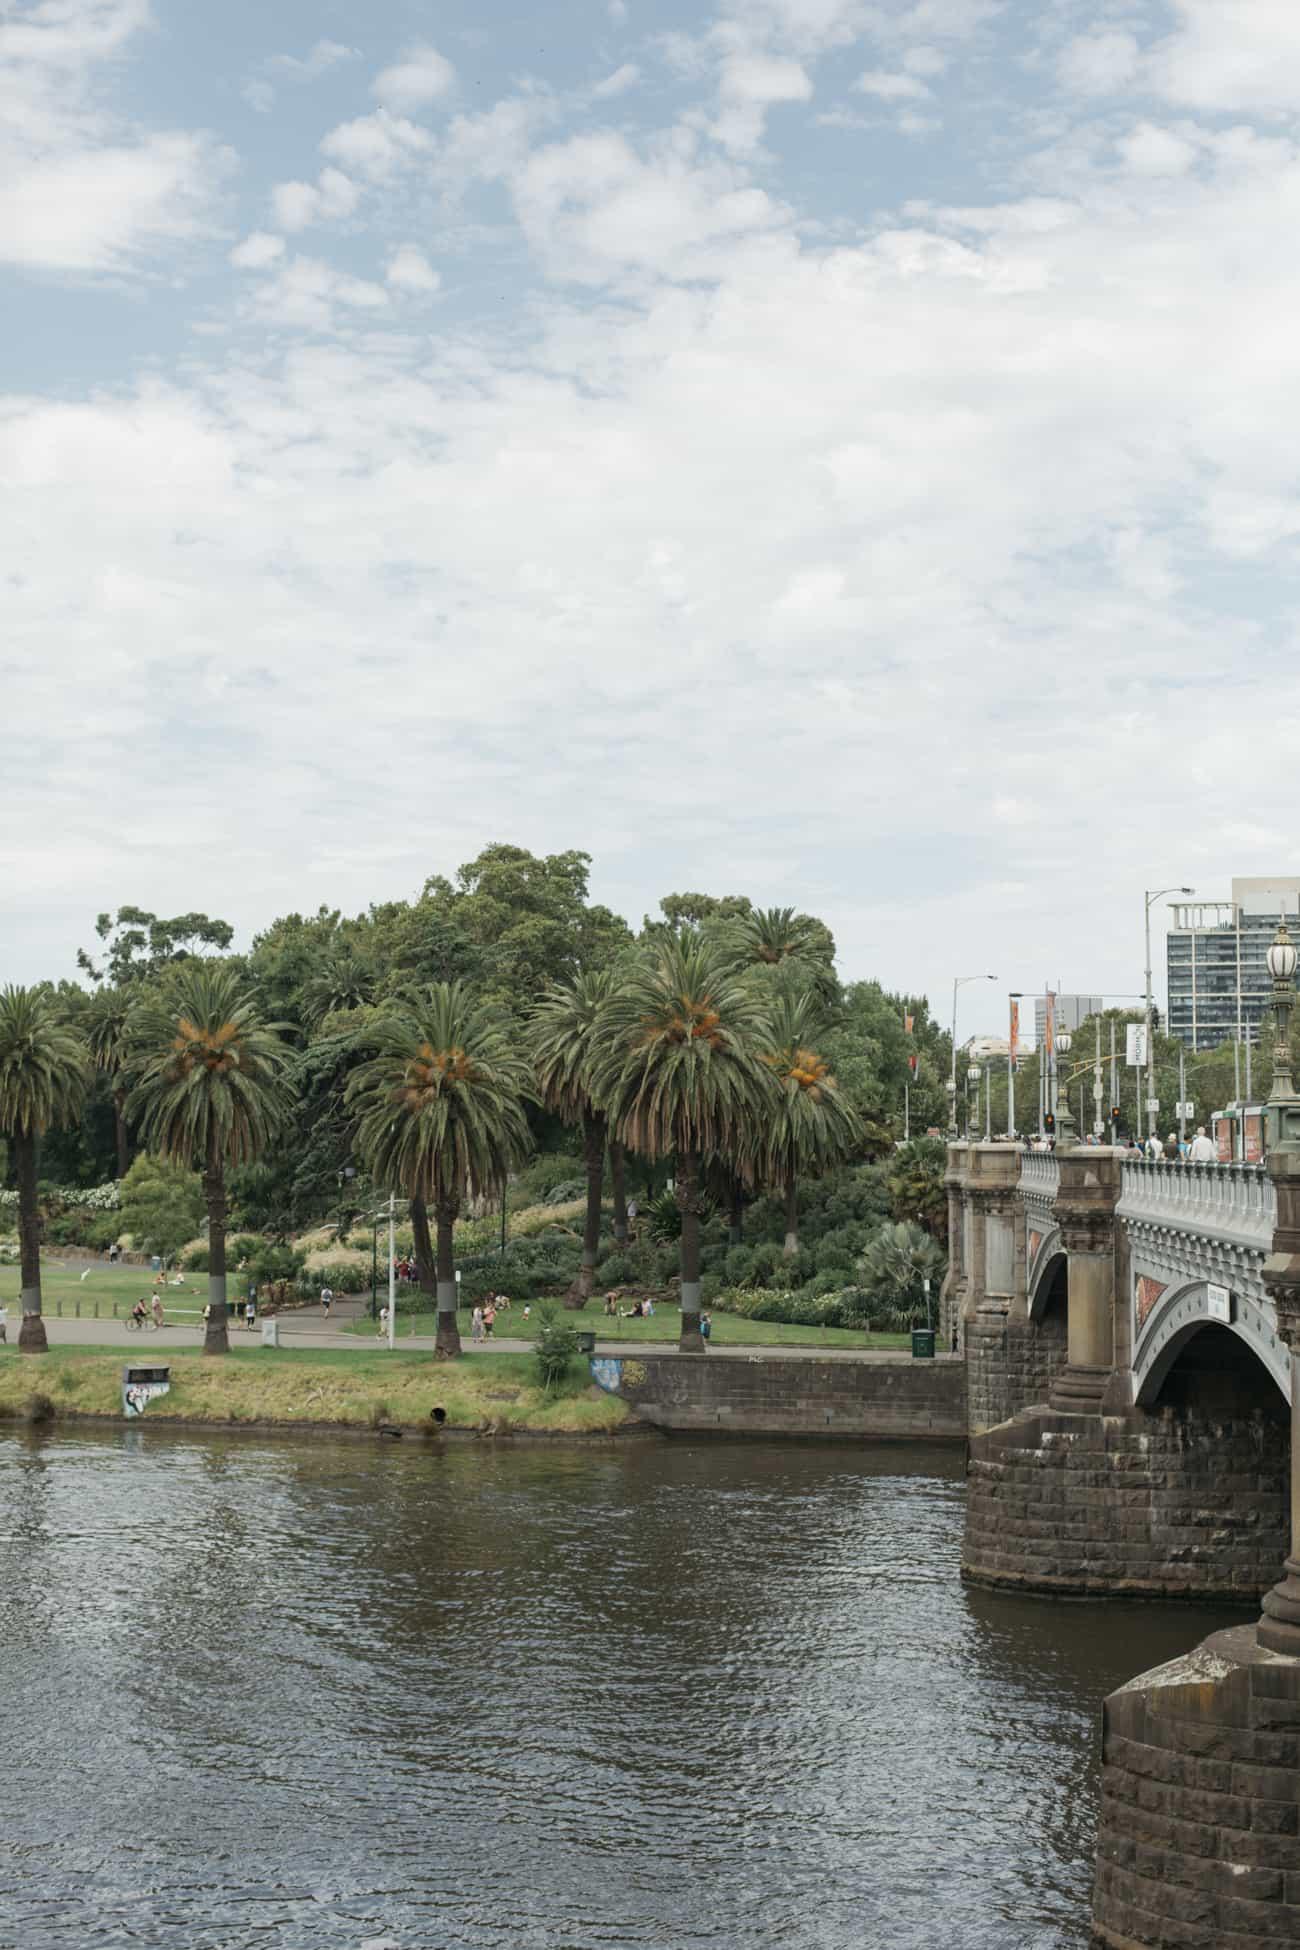 Kinlake-Melbourne-Australia-City-Lifestyle-2-8444